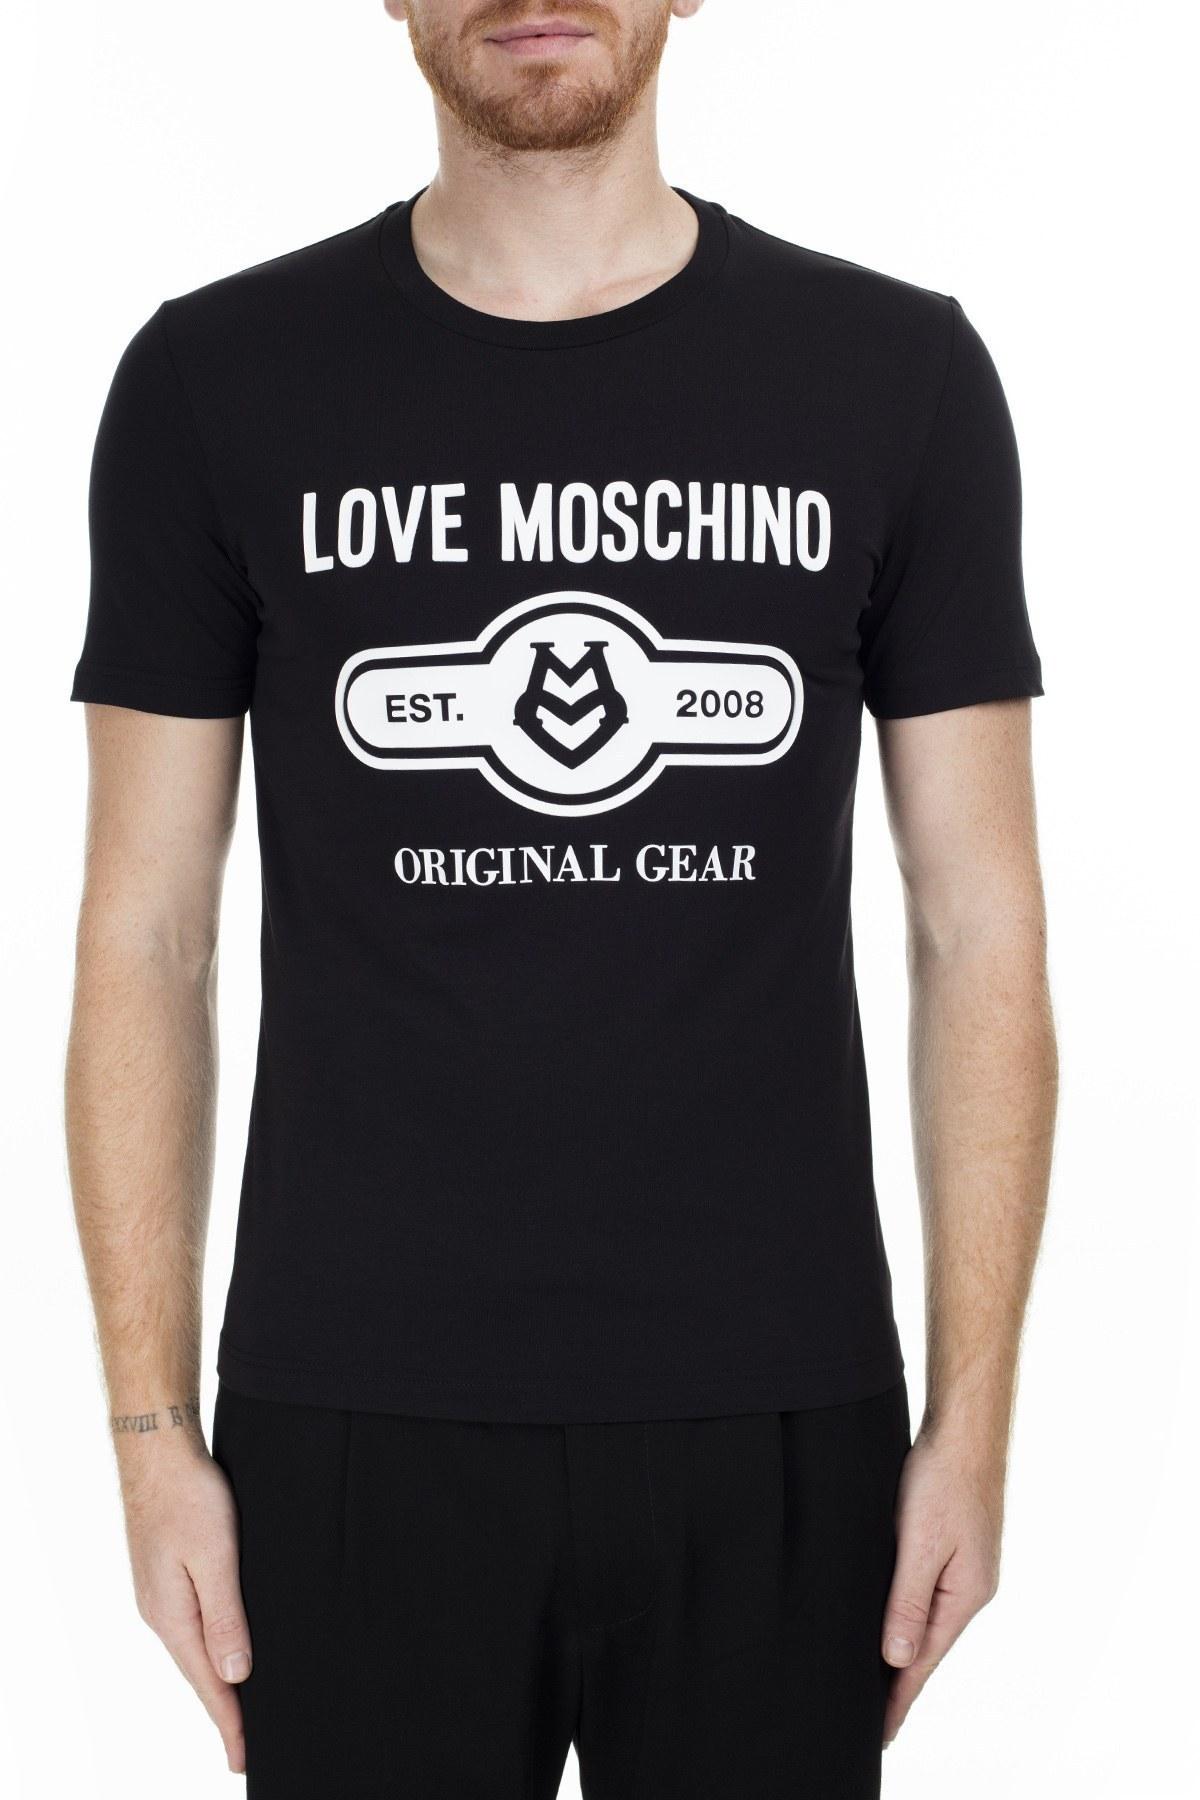 Love Moschino Erkek T Shirt S M47312IE1811 C74 SİYAH